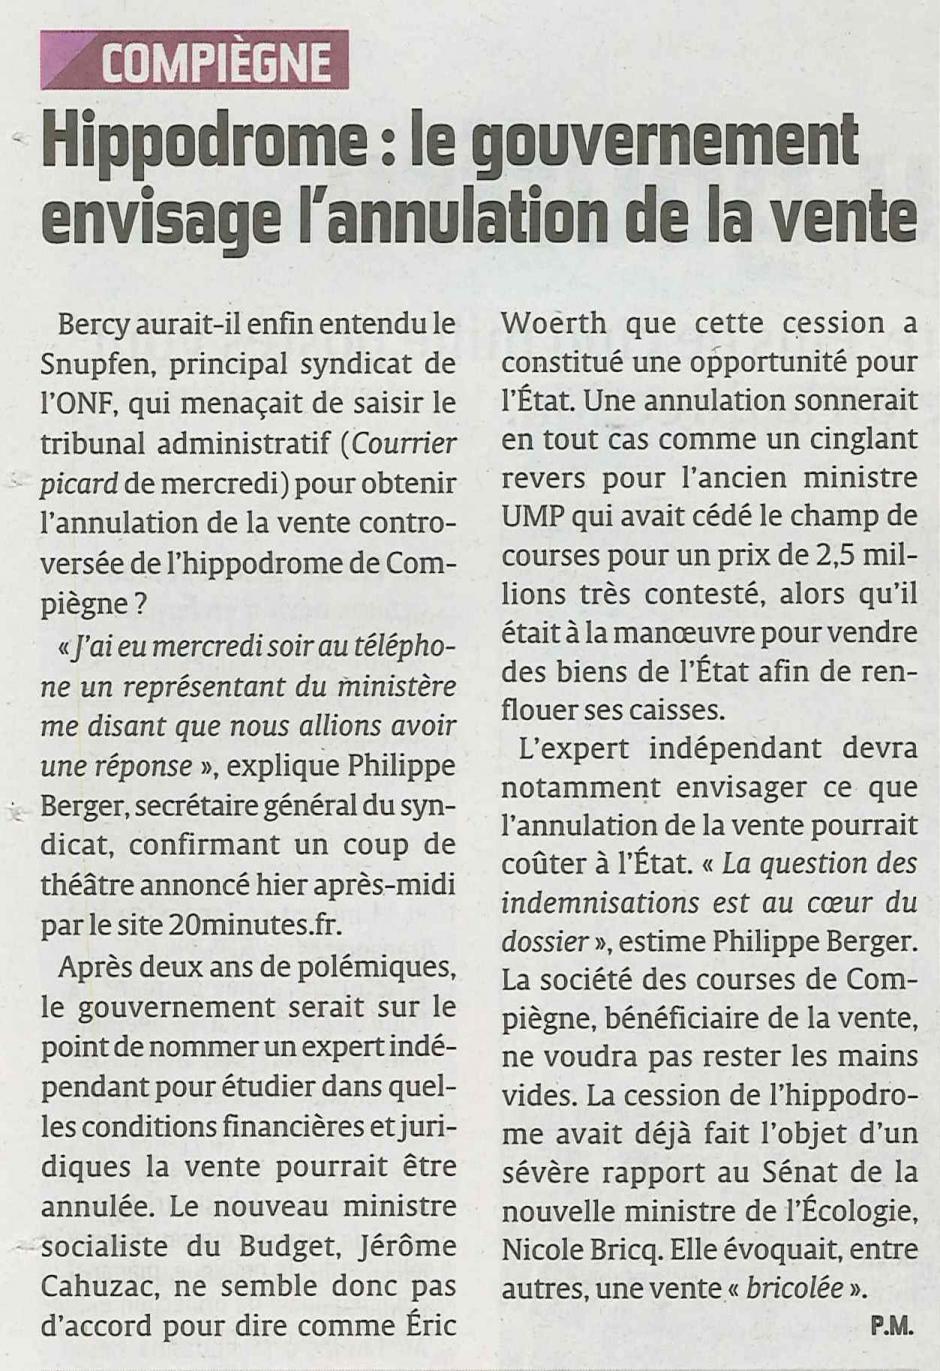 20120622-CP-Compiègne-Le gouvernement envisage l'annulation de la vente de l'hippodrome